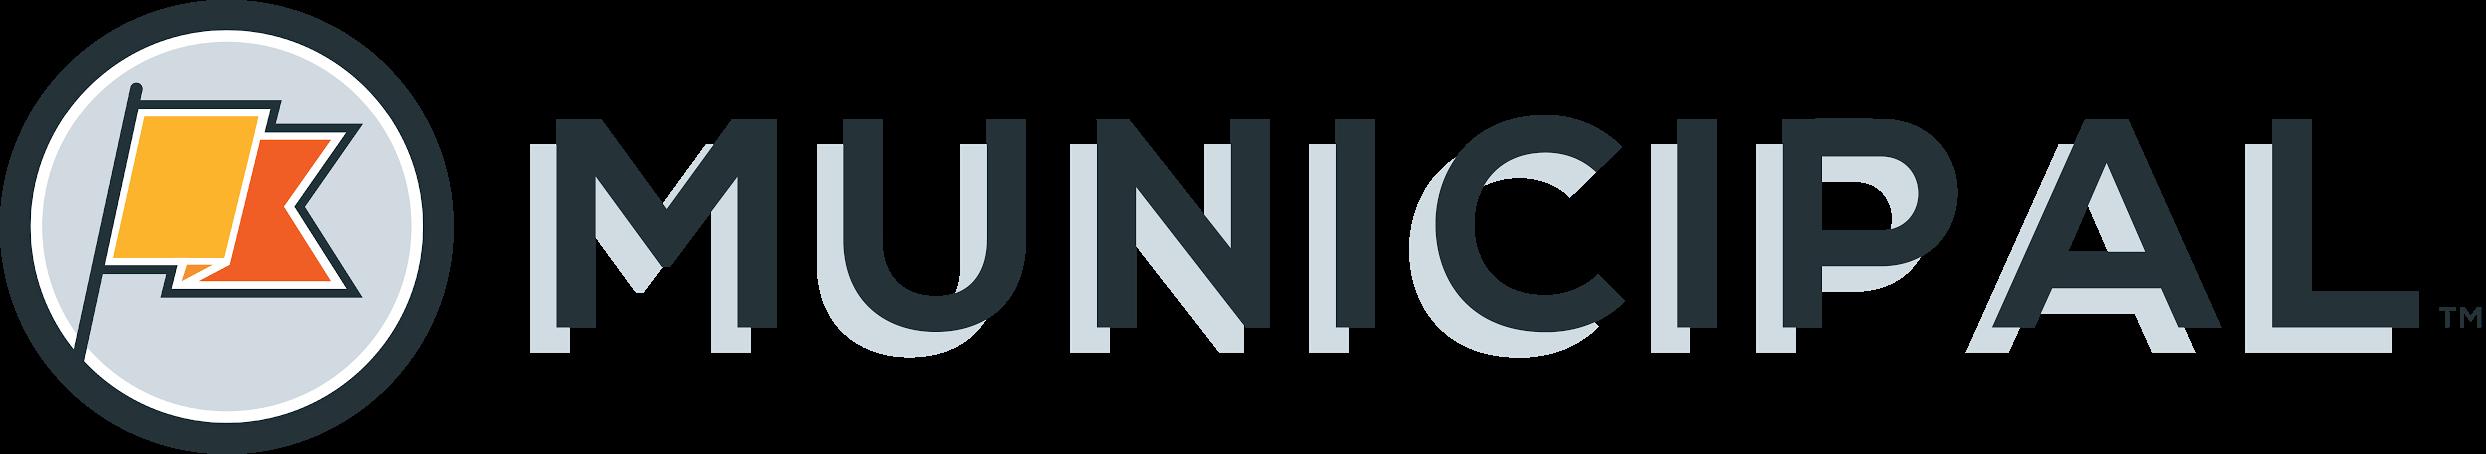 Municipal logo name.png